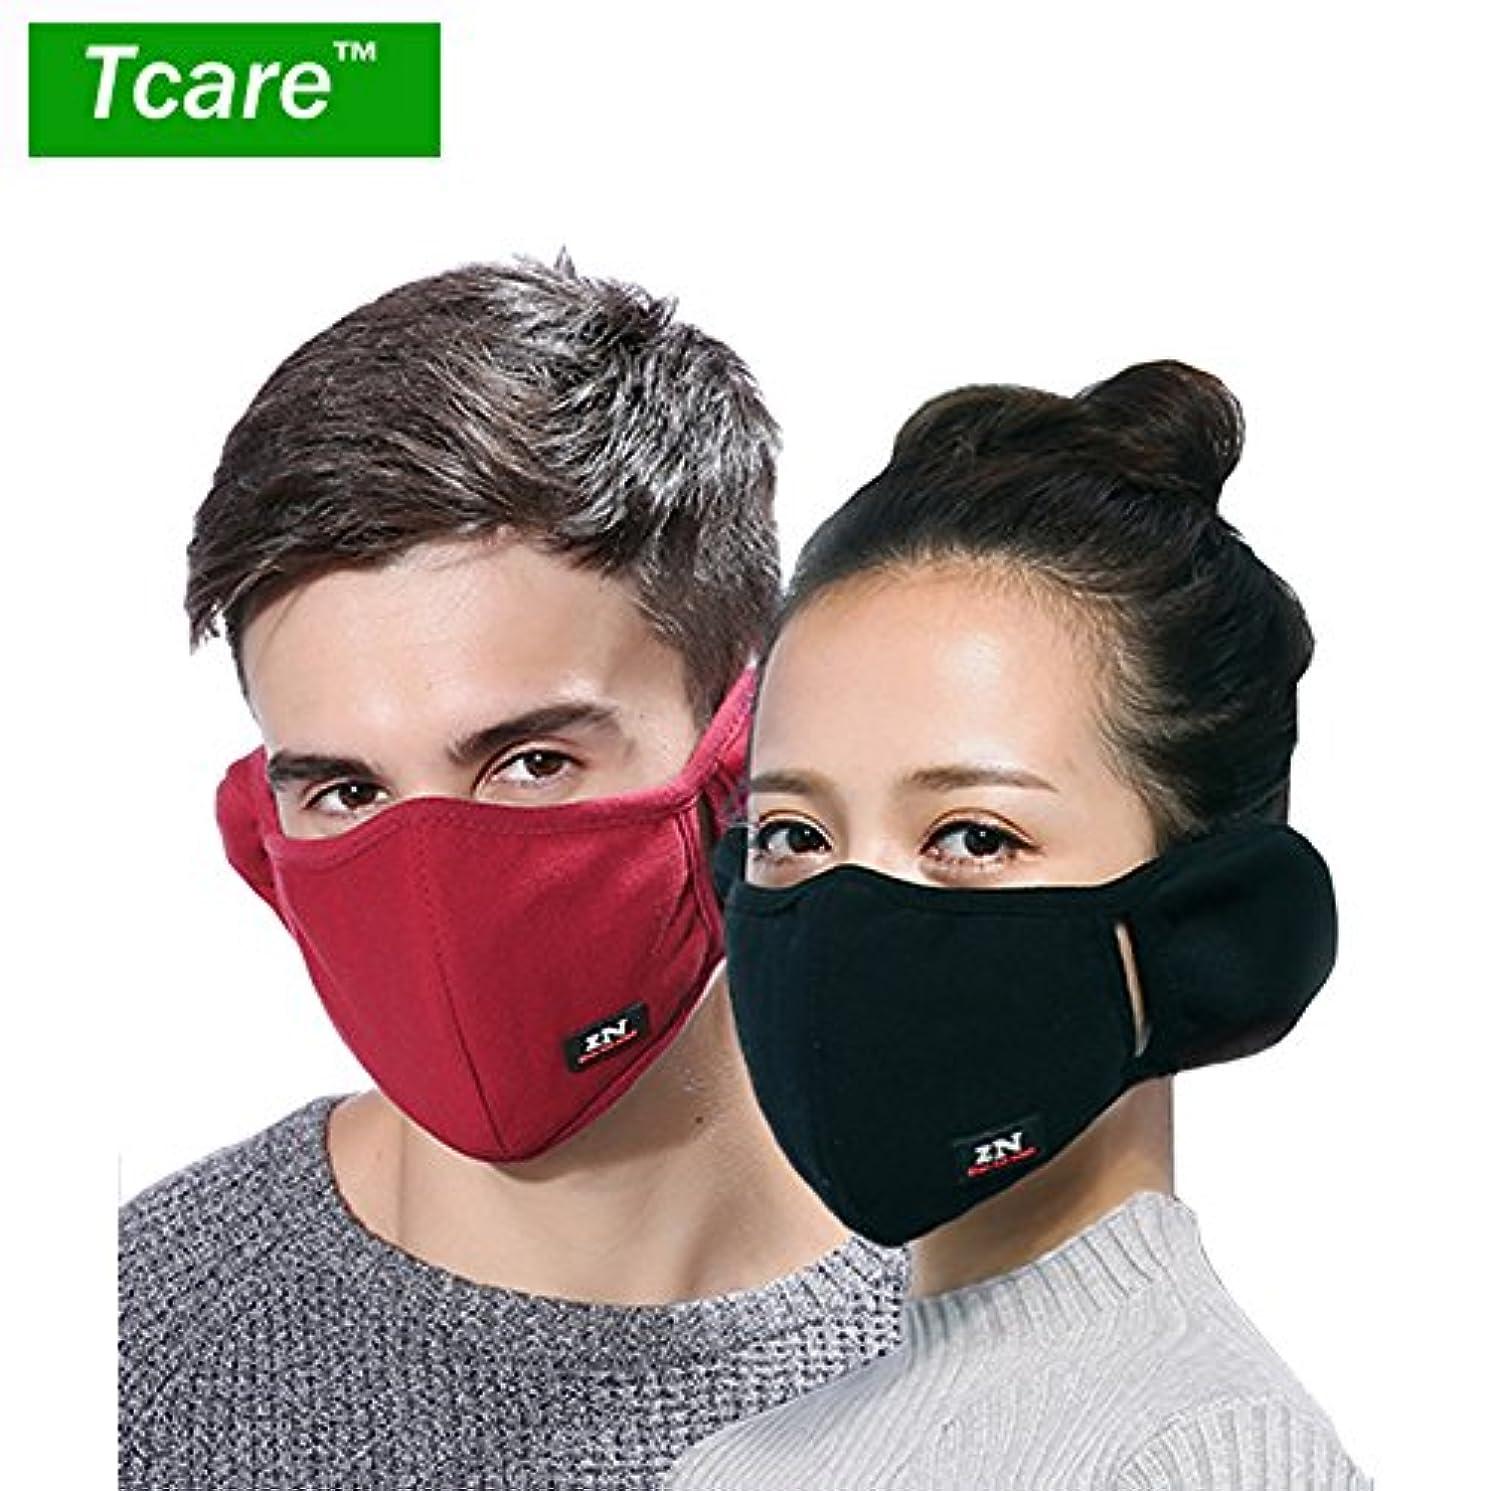 起きて安心させる厳男性女性の少年少女のためのTcare呼吸器2レイヤピュアコットン保護フィルター挿入口:10紺